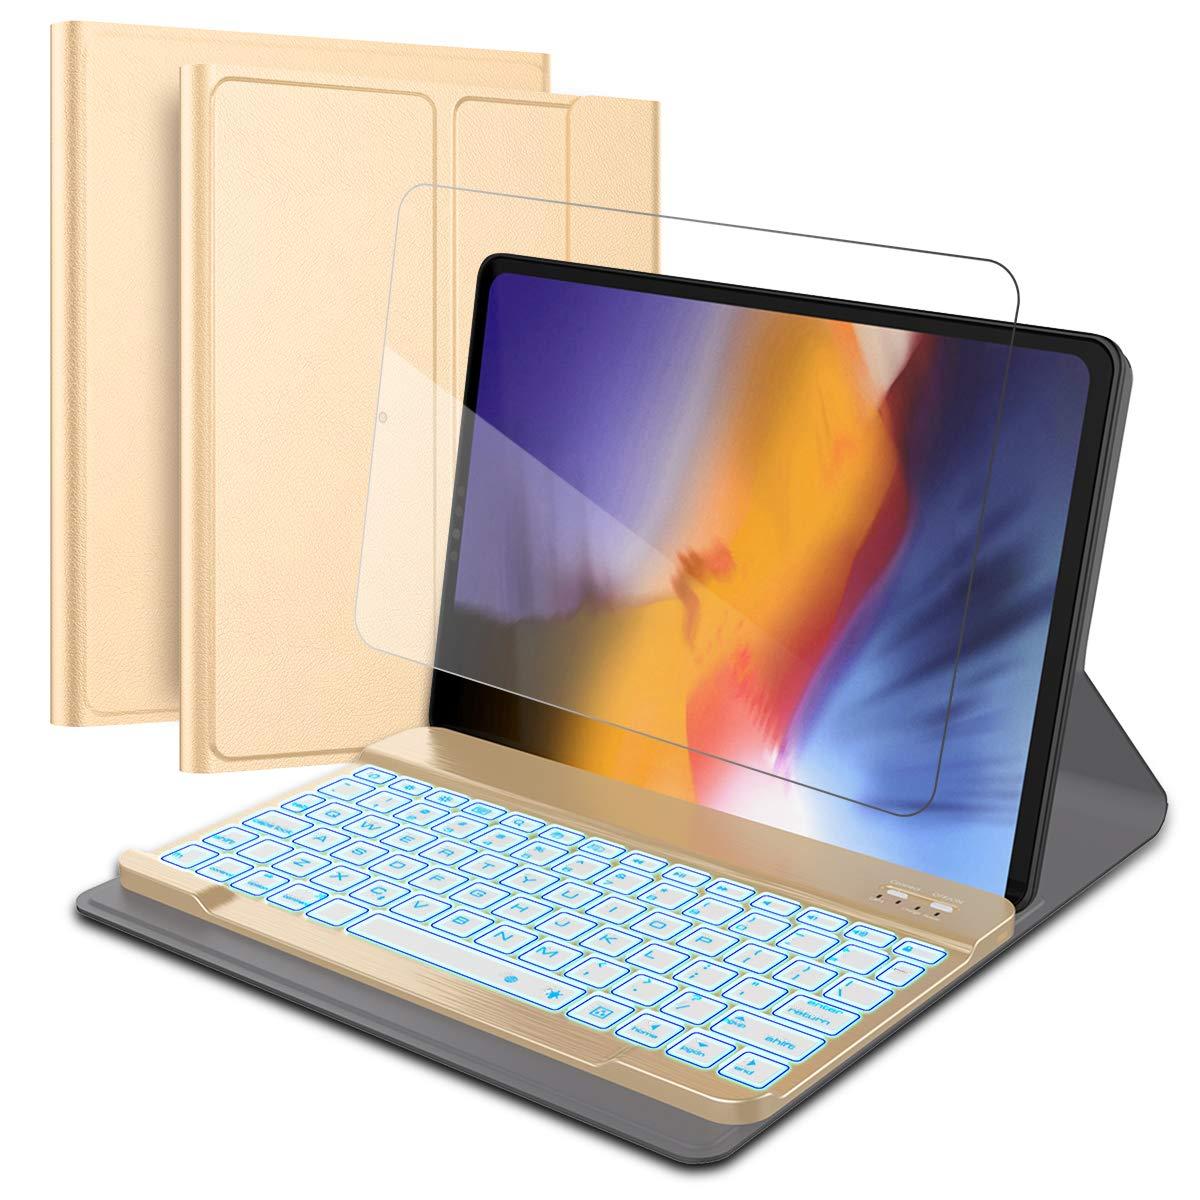 iPad Pro 11インチ2018キーボードケース ワイヤレスレザーキーボードケース 超薄型ポータブル軽量タブレットプロテクターキーボード iPad Pro 11インチ2018用   B07LF7PZWR